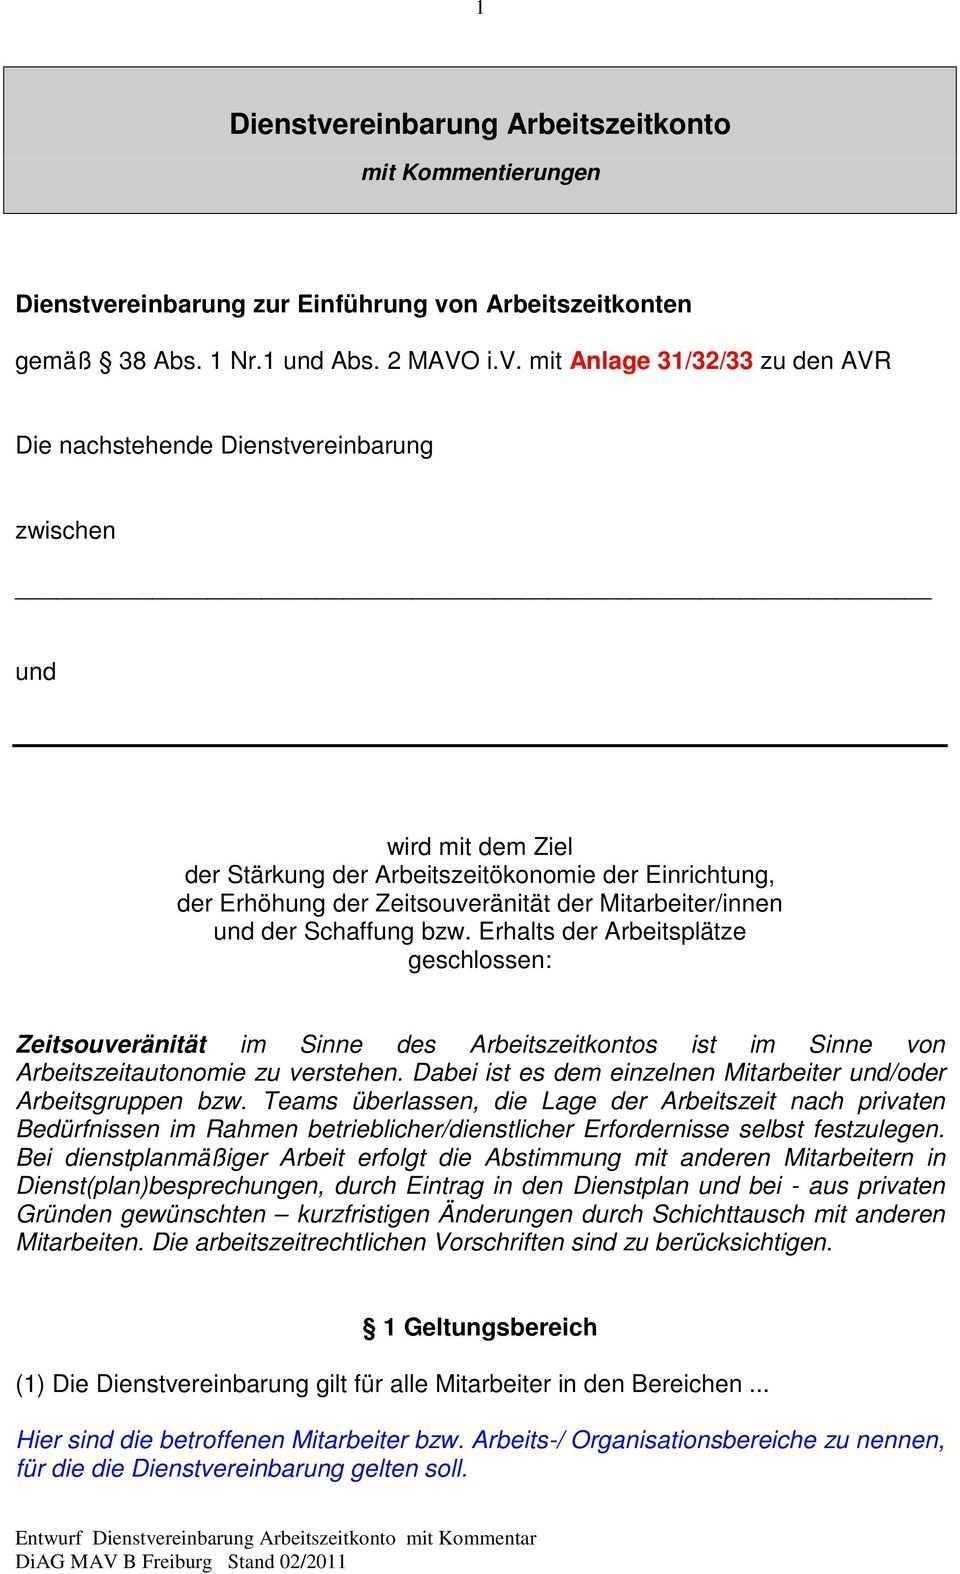 Dienstvereinbarung Arbeitszeitkonto Pdf Free Download